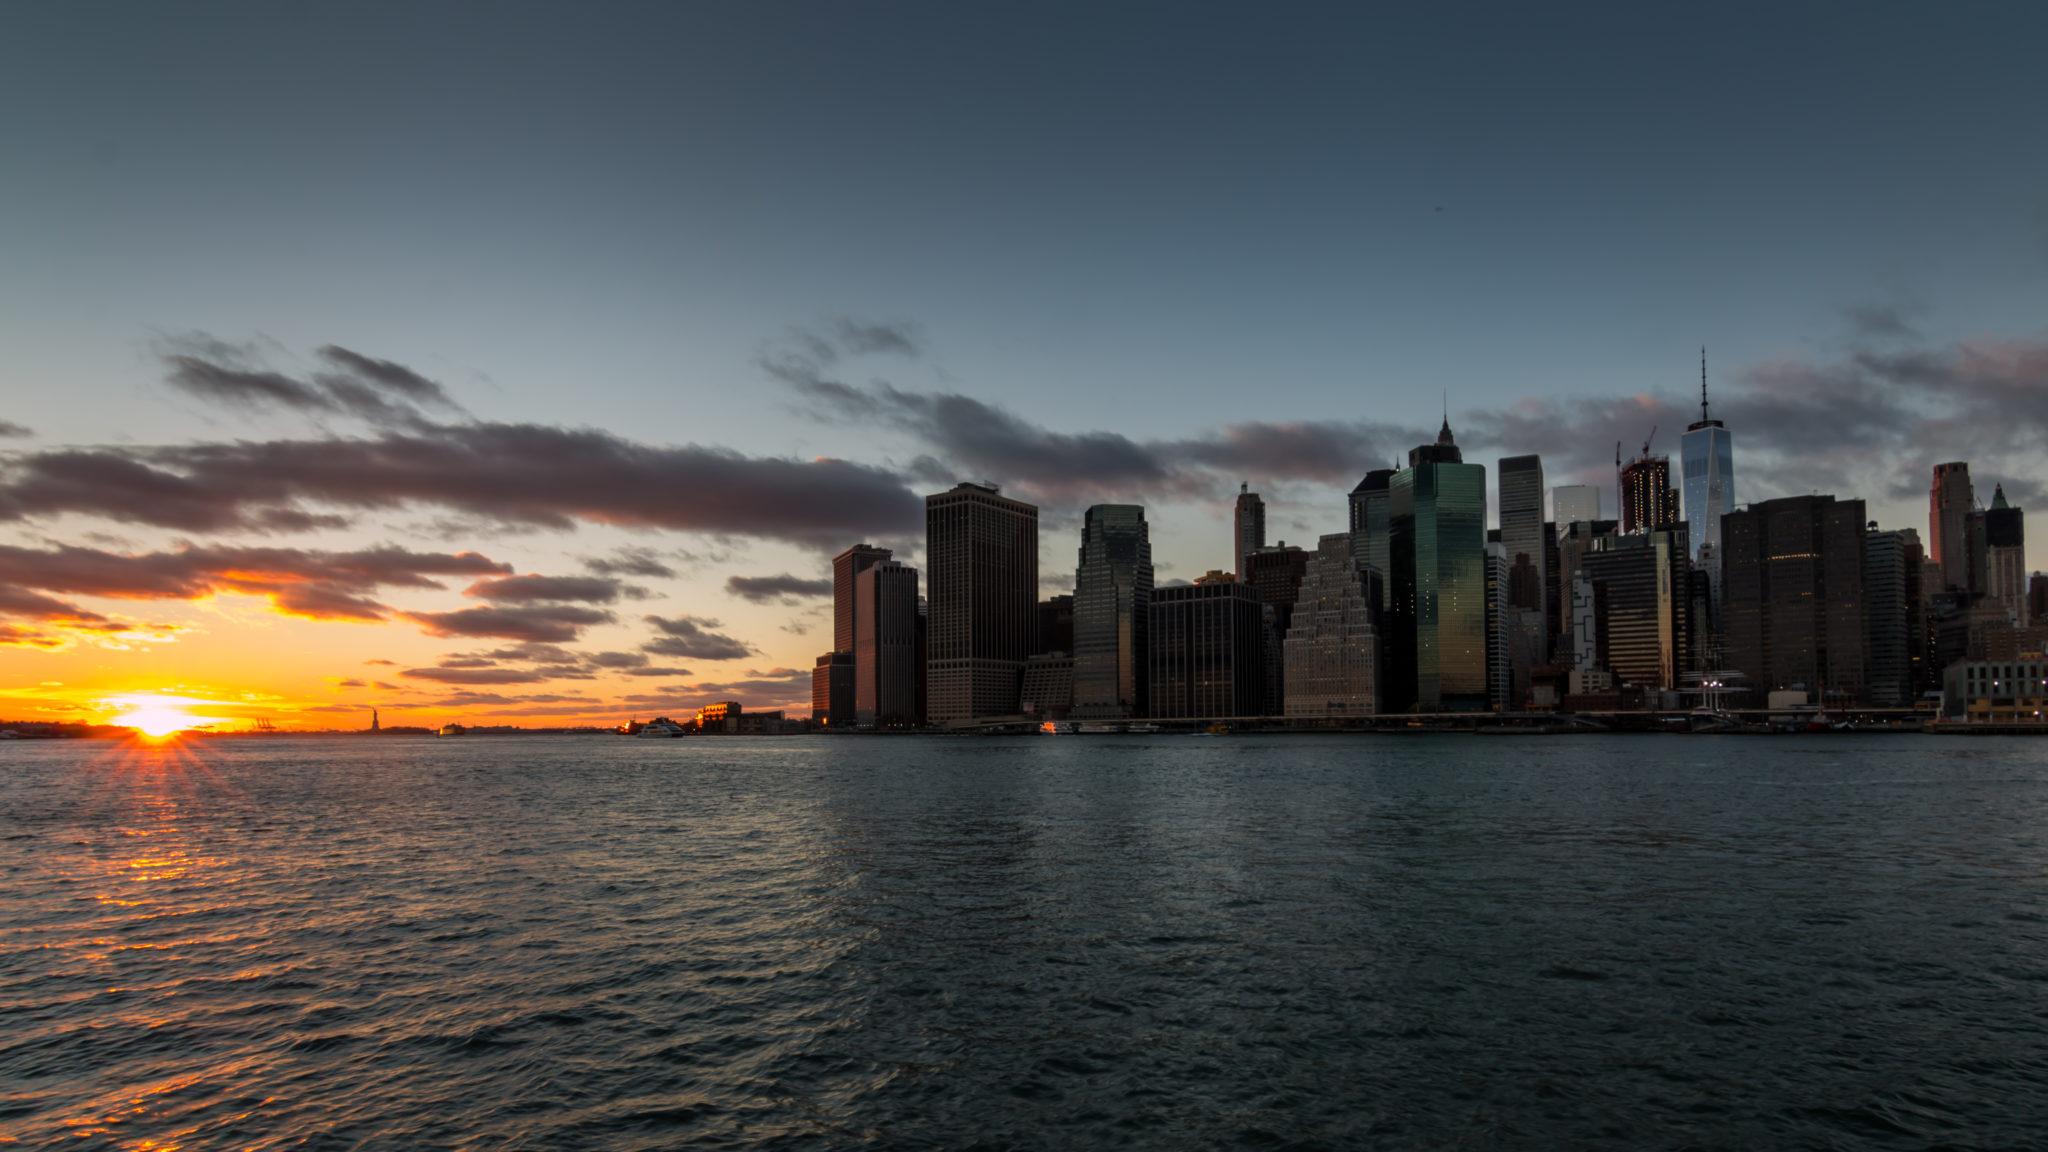 Sonnenuntergang vor Skyline